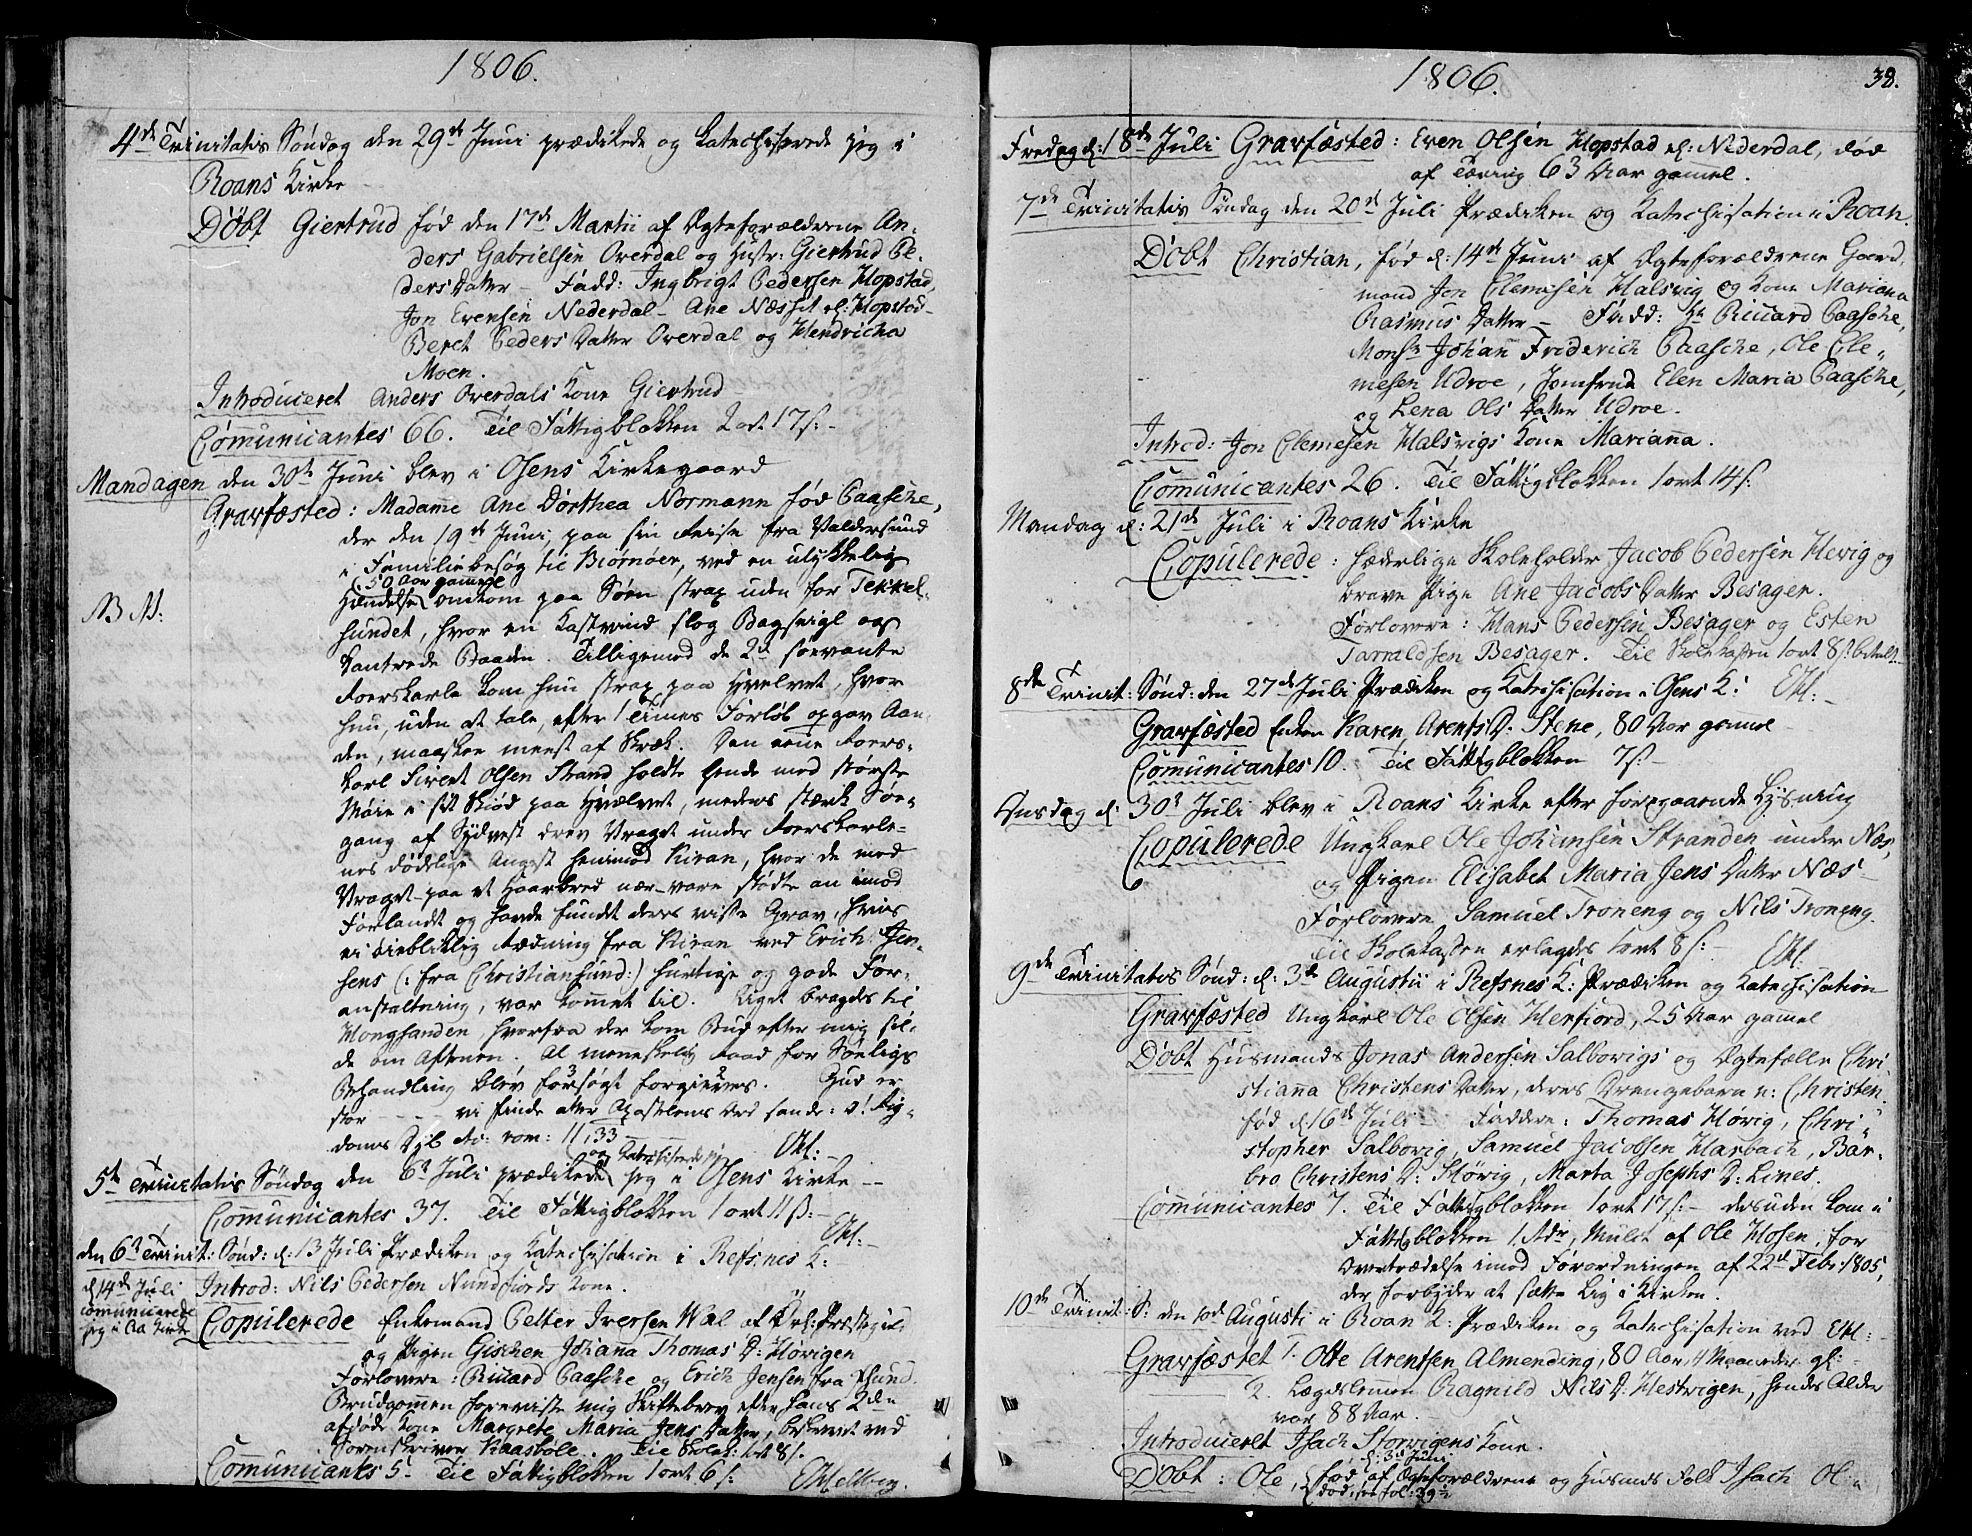 SAT, Ministerialprotokoller, klokkerbøker og fødselsregistre - Sør-Trøndelag, 657/L0701: Ministerialbok nr. 657A02, 1802-1831, s. 38